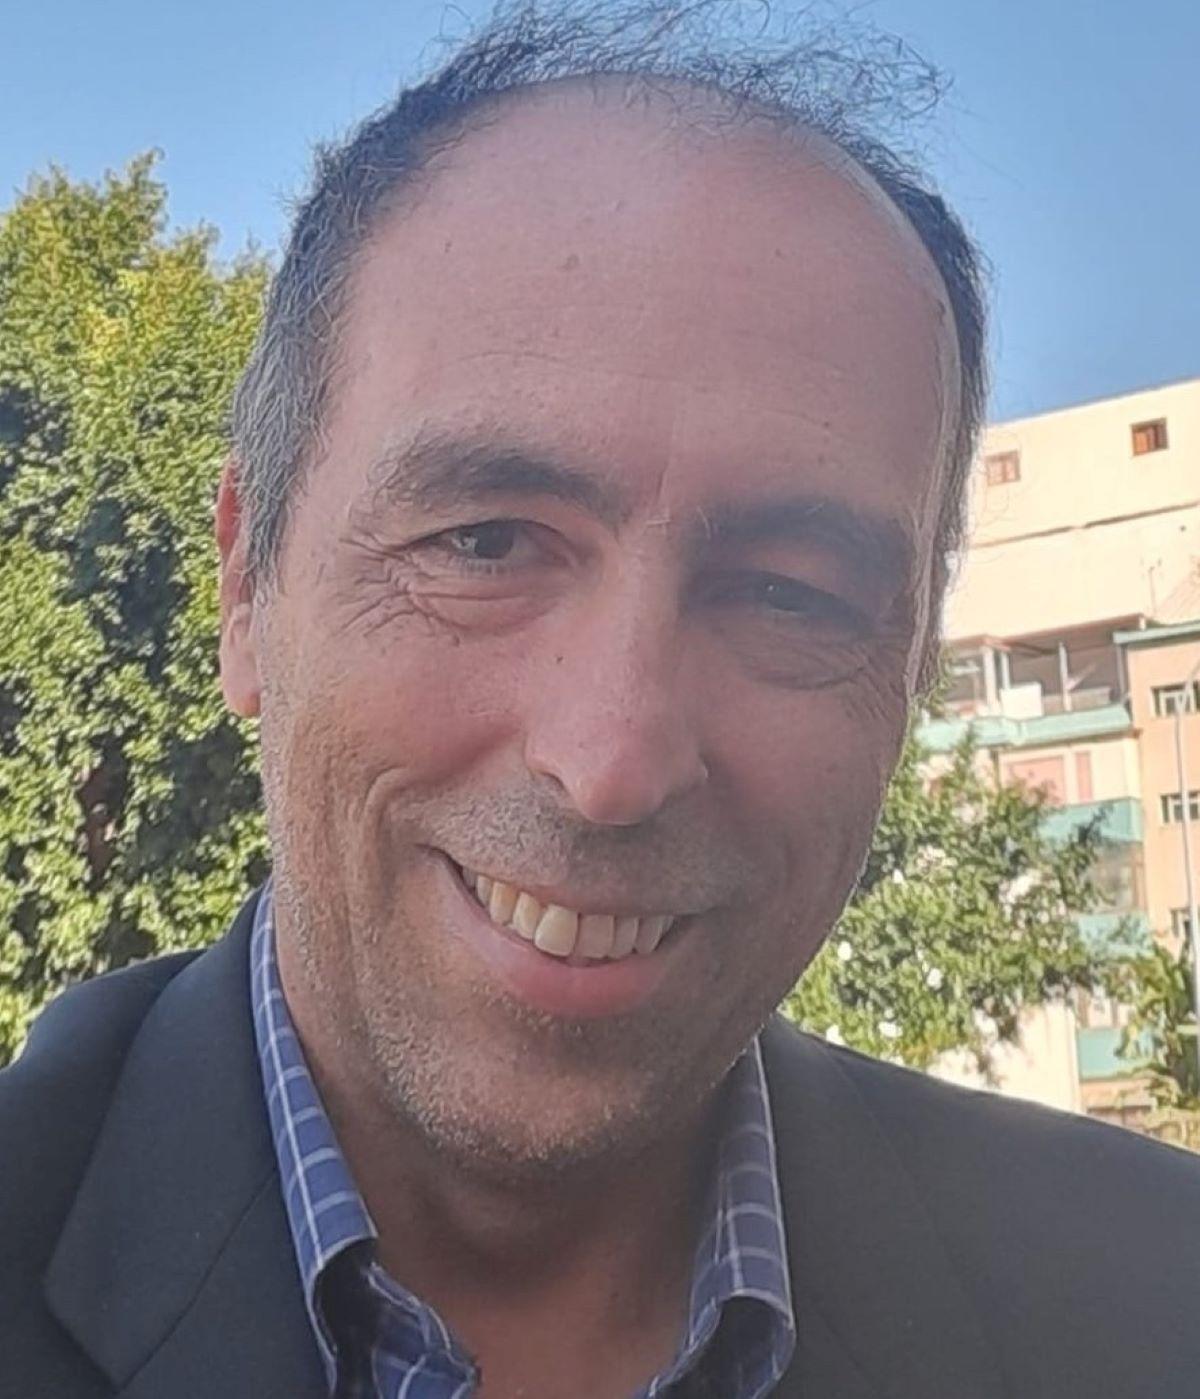 Fulvio Mondello Morto Lutto Giornalismo Italiano Palermo